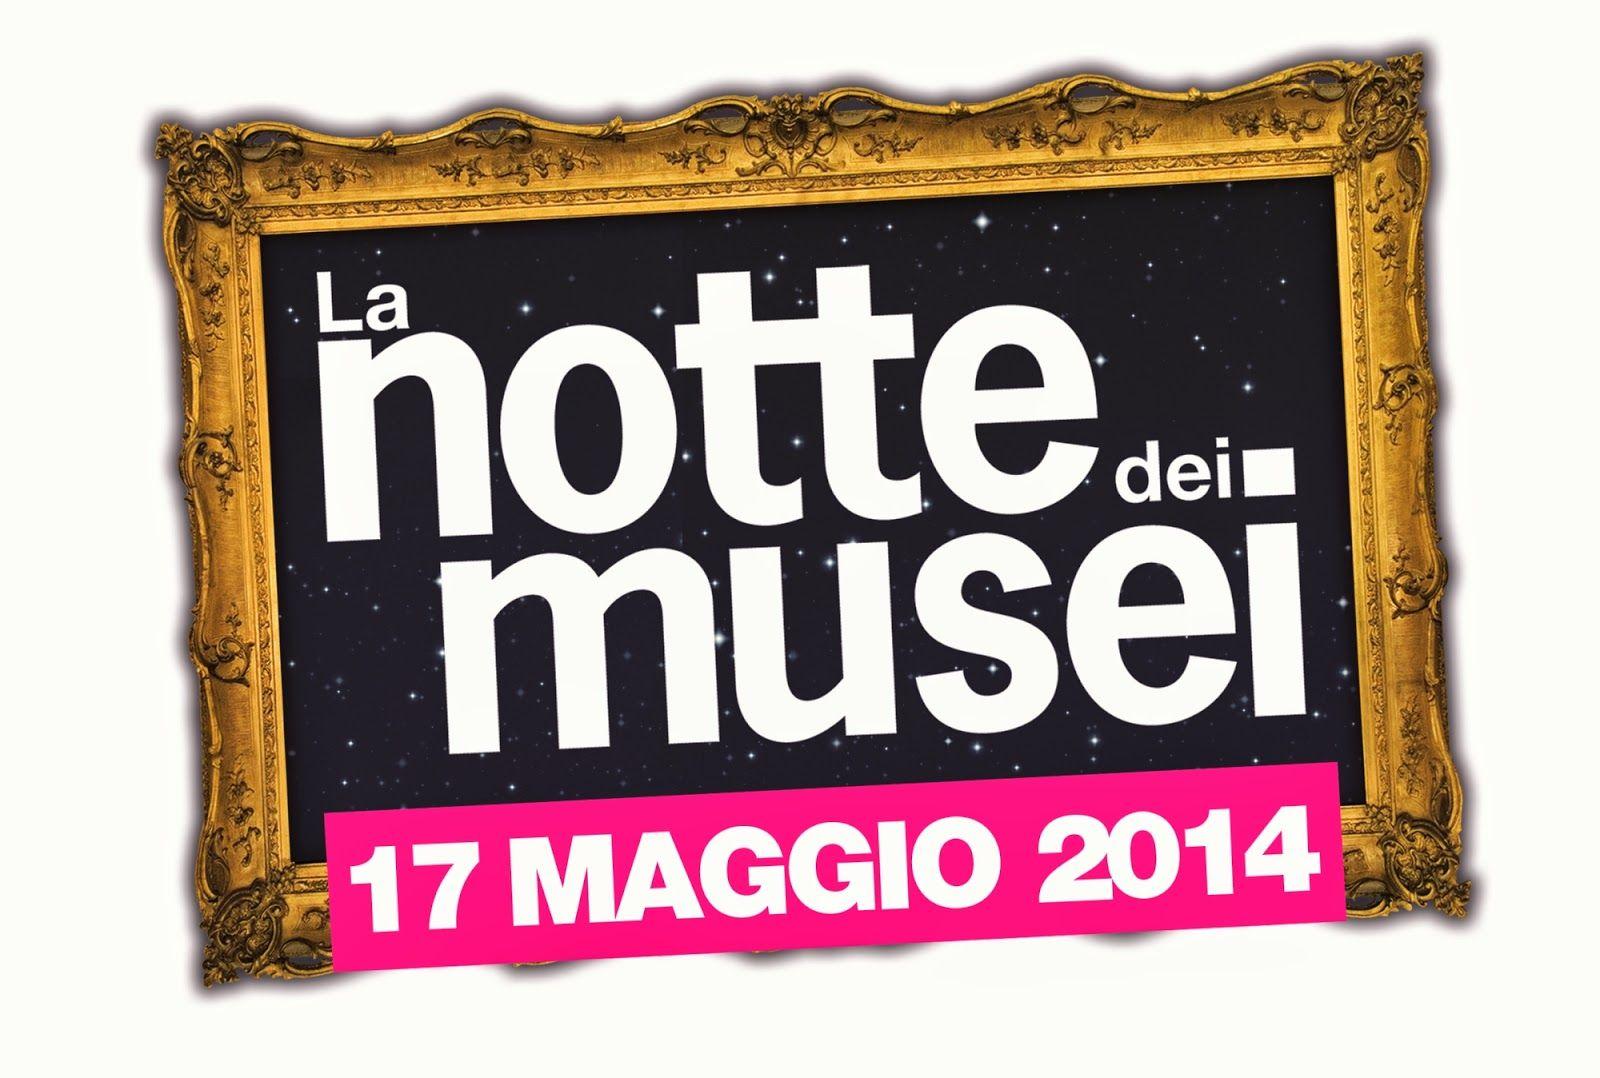 Notte dei musei 2014: a Roma aperti i luoghi culturali più importanti della città